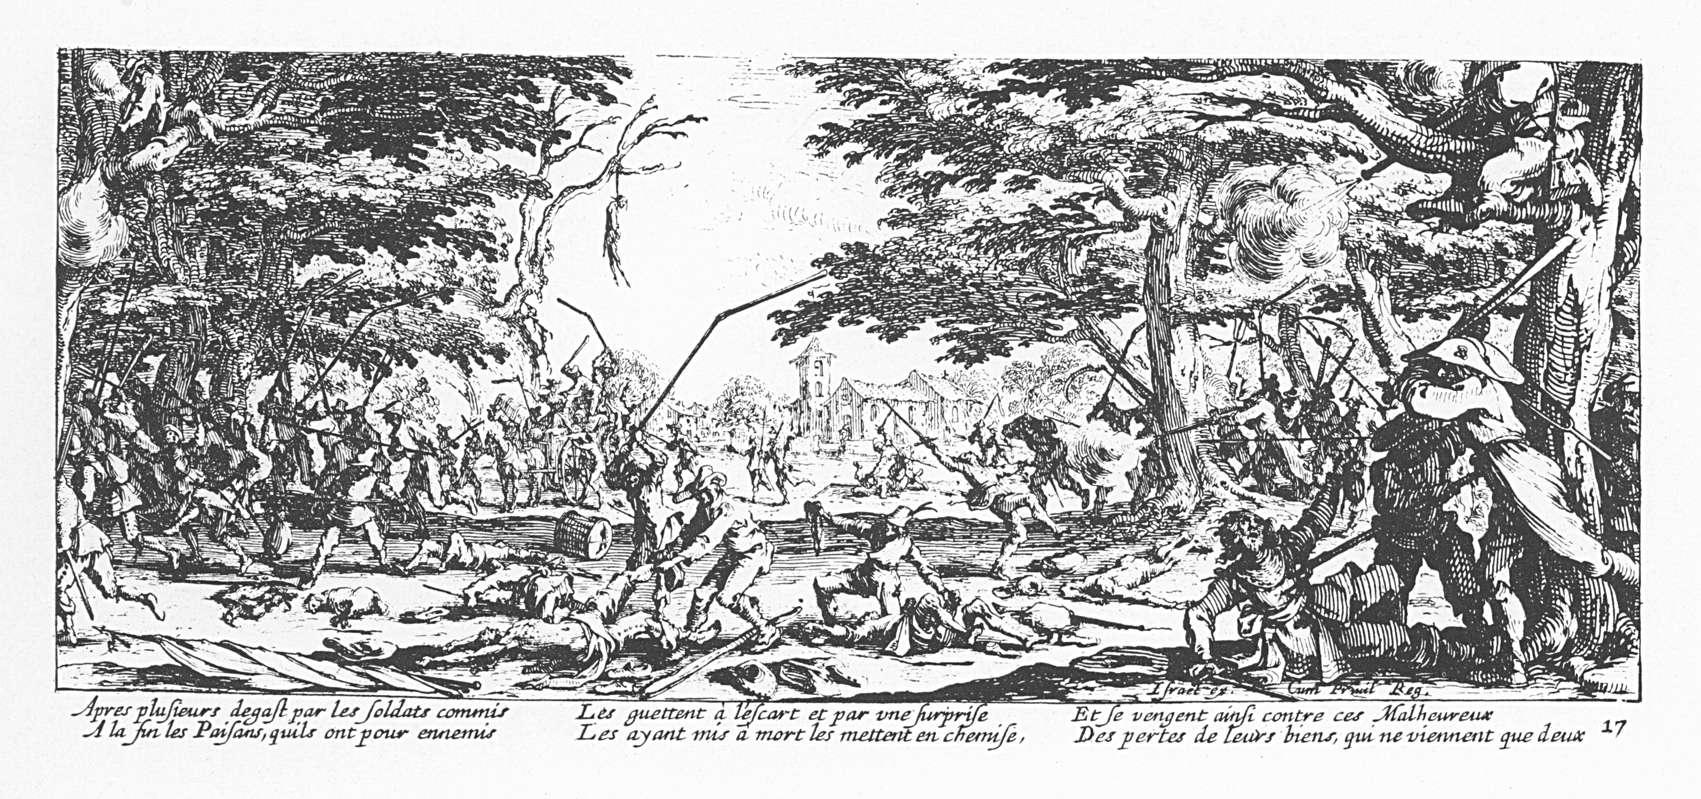 Les misères et les malheurs de la guerre 17 La revanche des paysans